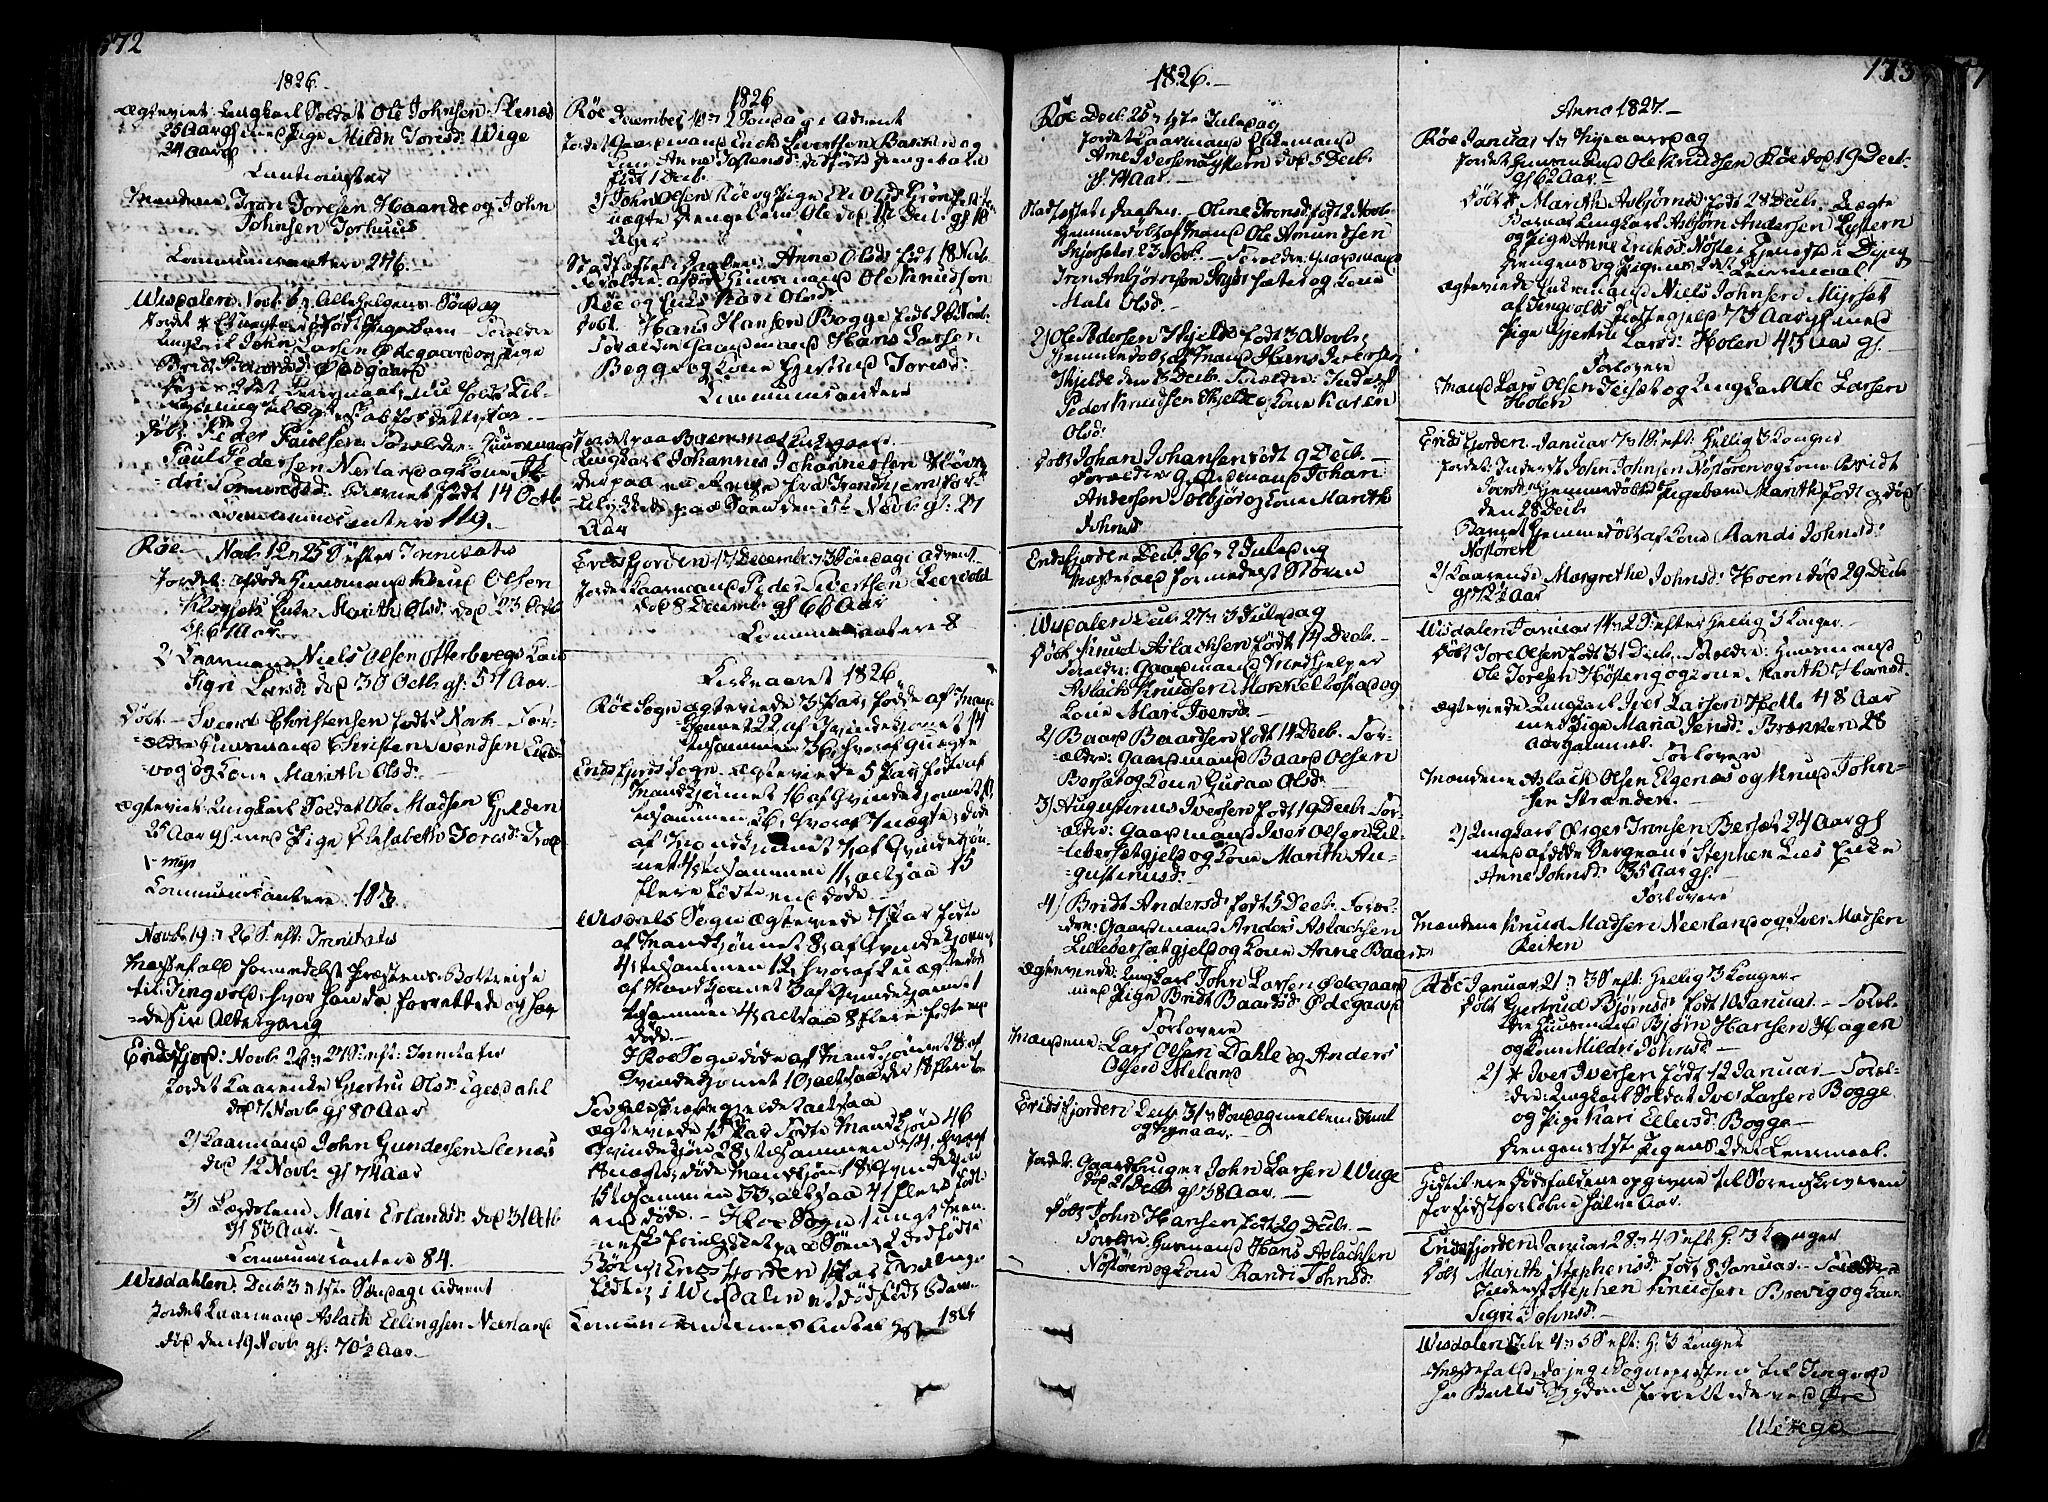 SAT, Ministerialprotokoller, klokkerbøker og fødselsregistre - Møre og Romsdal, 551/L0622: Parish register (official) no. 551A02, 1804-1845, p. 172-173